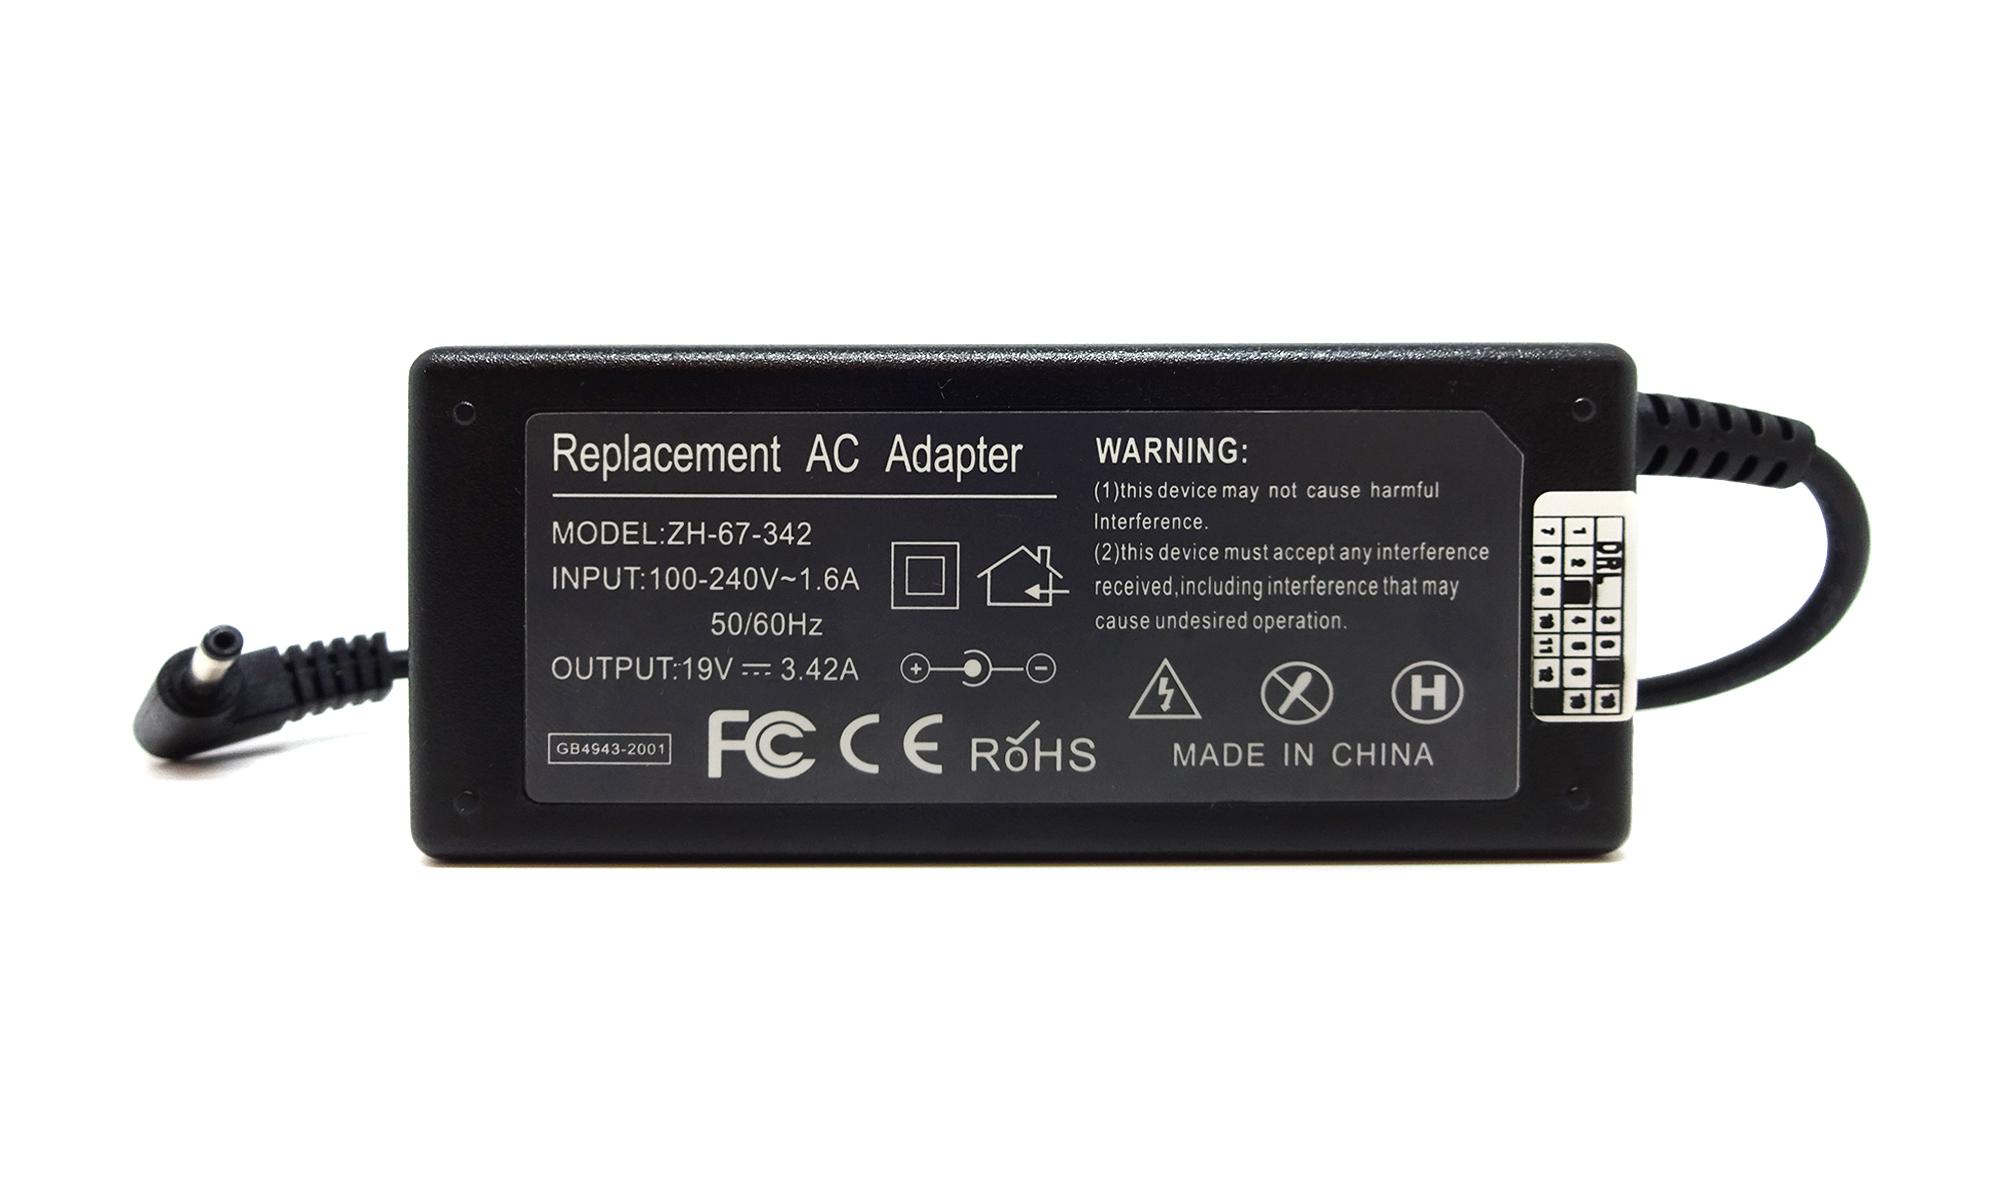 Incarcator compatibil Asus A401LB, A401UB, A401UQ, A540LJ, A542UR, BX303LA, BX303LAB, BX303LN, BX303LNB, BX32LN, 19V, 3.42A, 65W, mufa 4.0 x 1.35mm